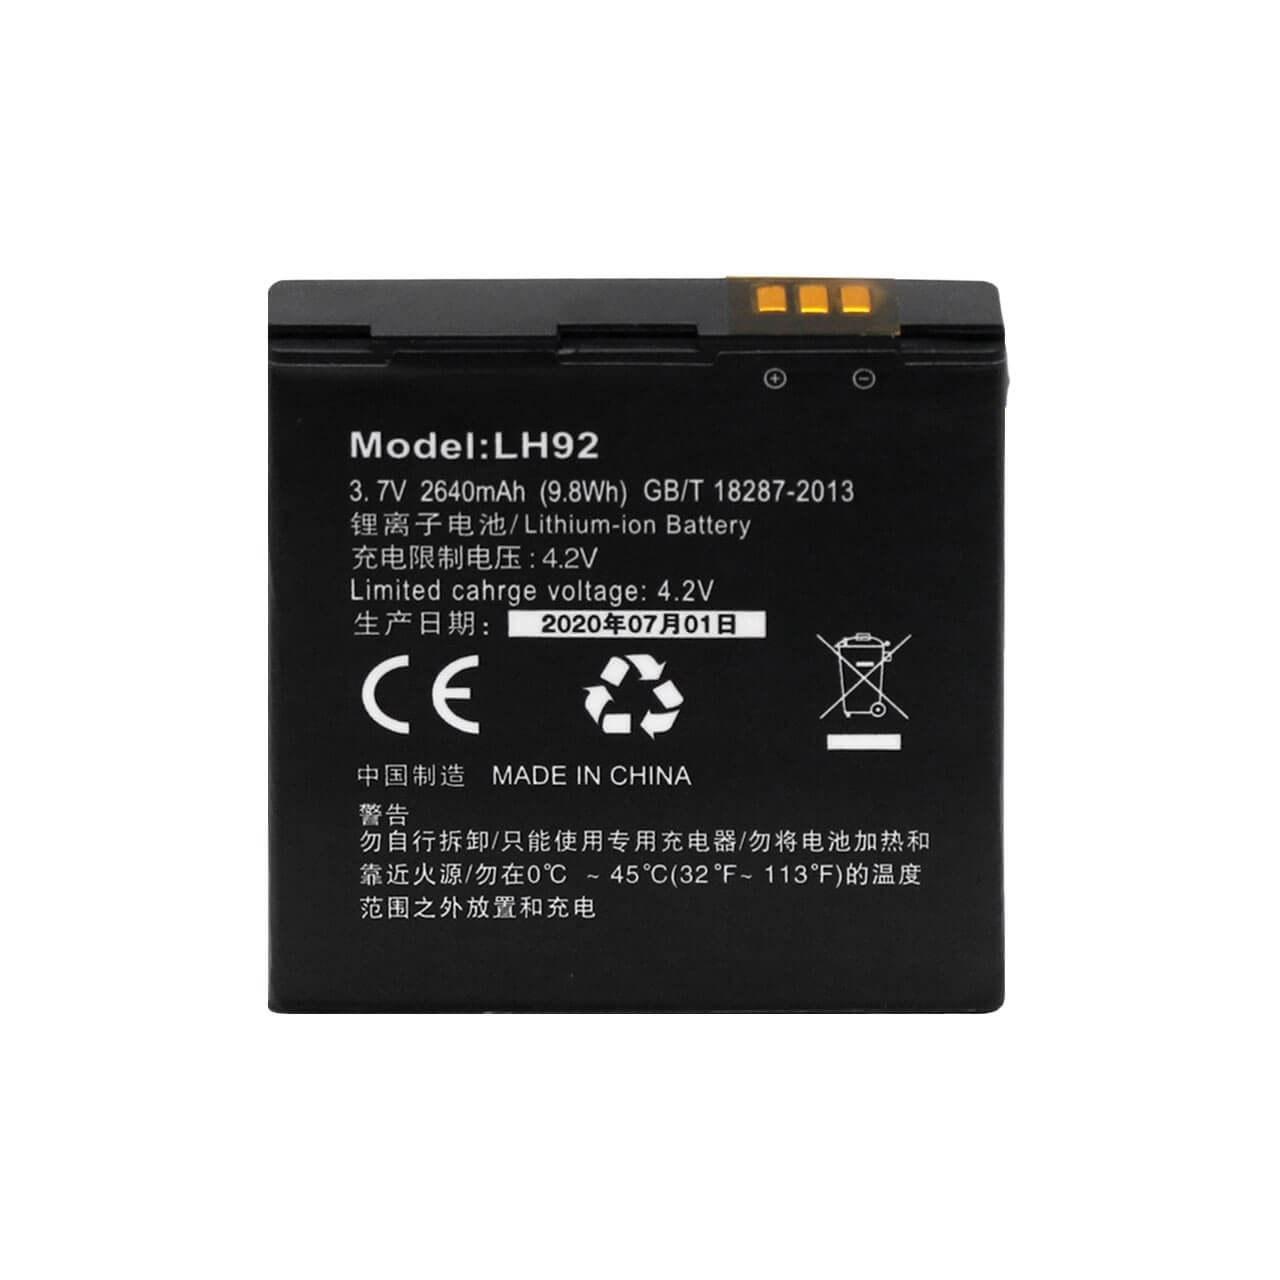 تصویر باتری مودم همراه ایرانسل irancell 4G modem LH92  (اورجینال) +کابل فست شارژ مودم *هدیه* (اورجینال)فروش ویژه+گارانتی ۶۰ روزه مودم باما- تولید 2020 -